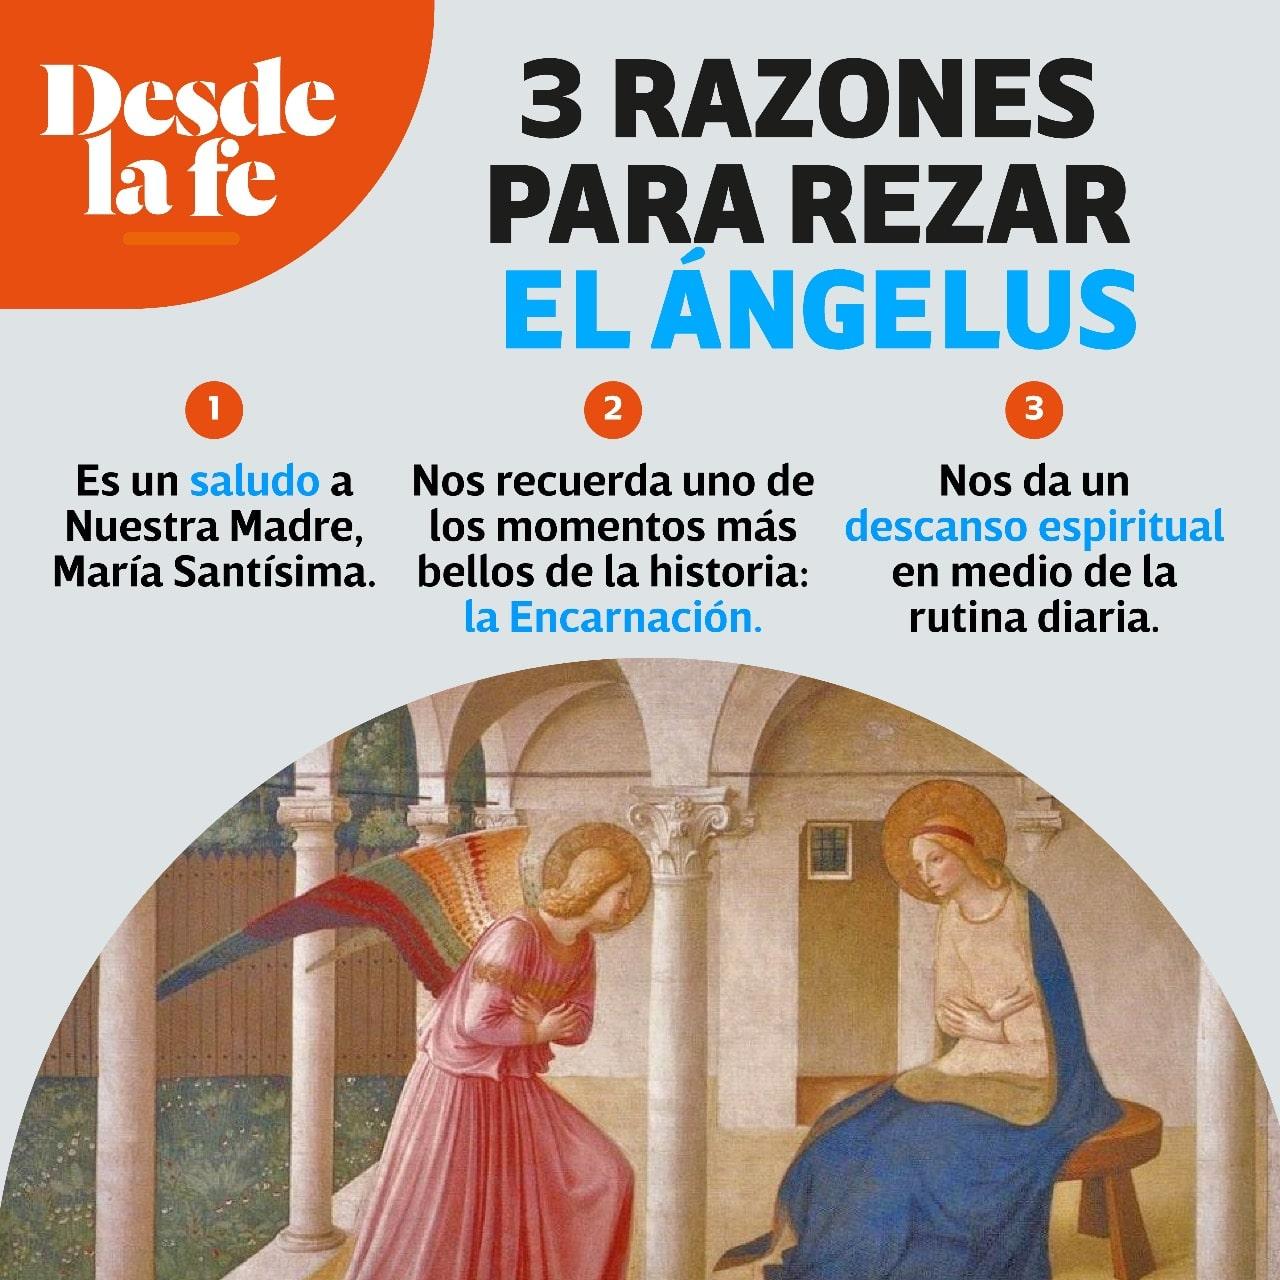 Razones para rezar el Ángelus.